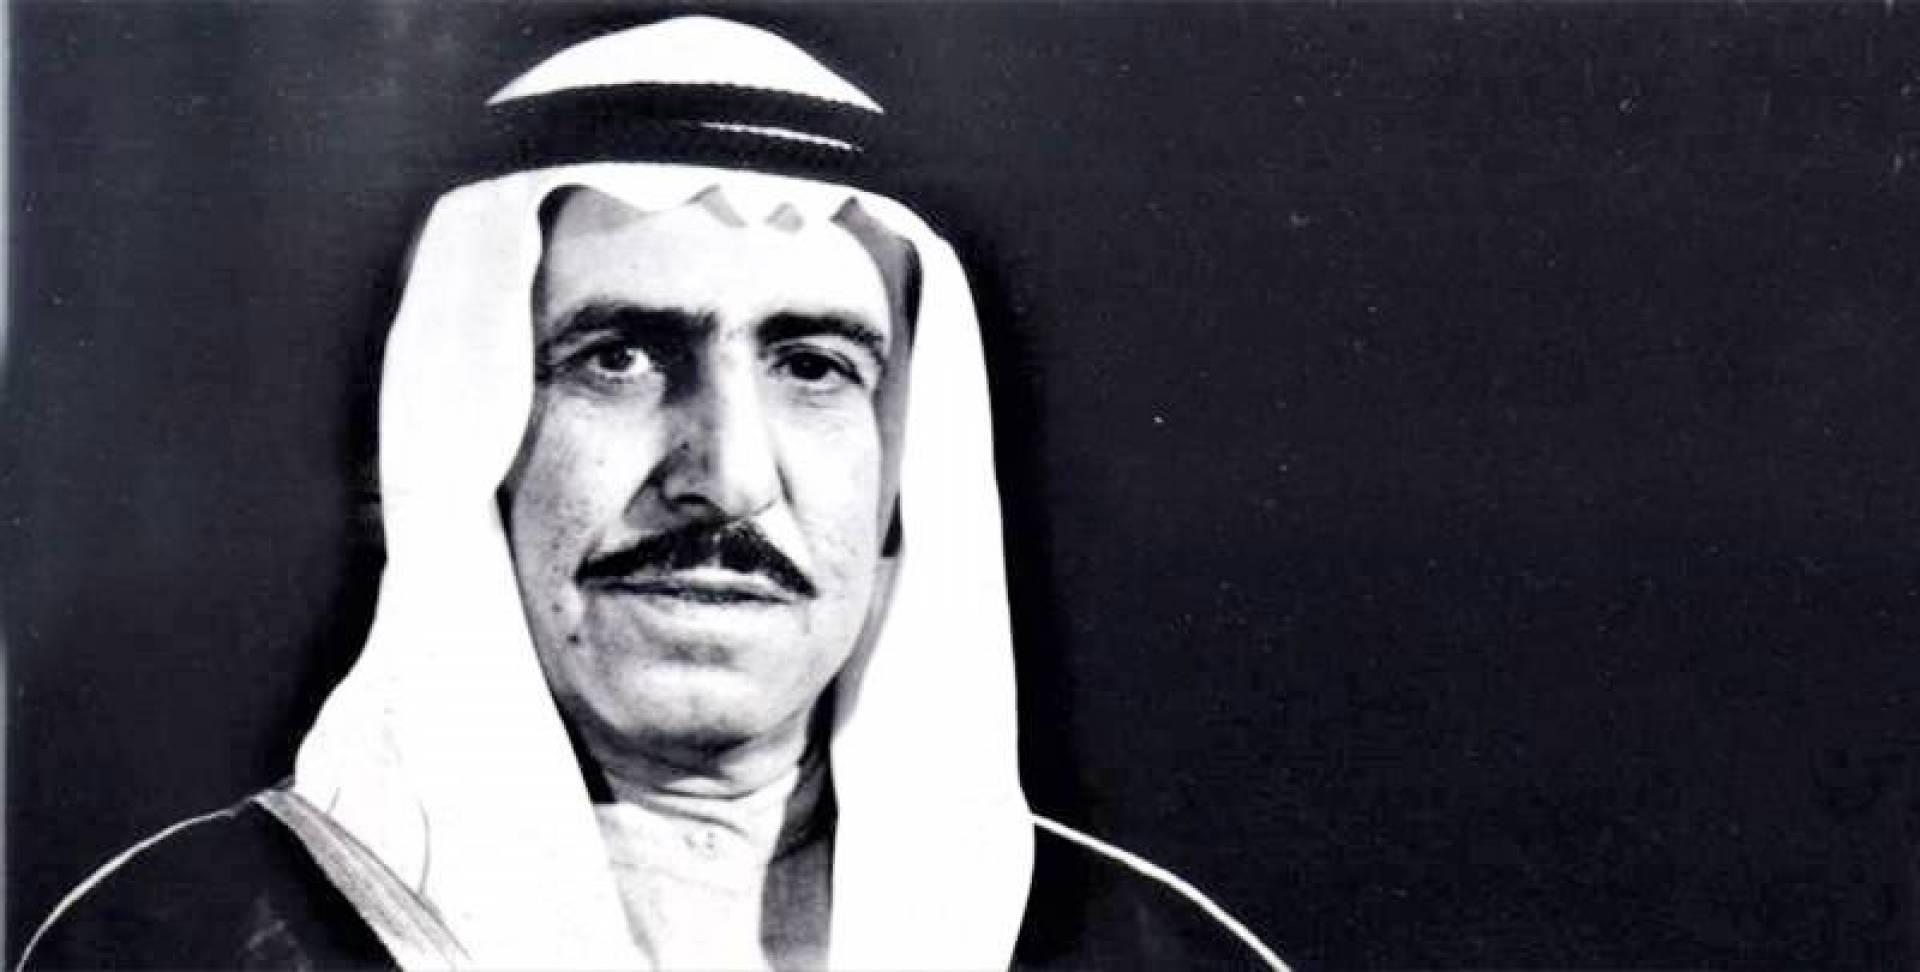 سمو الشيخ صباح السالم الصباح.. أرشيفية